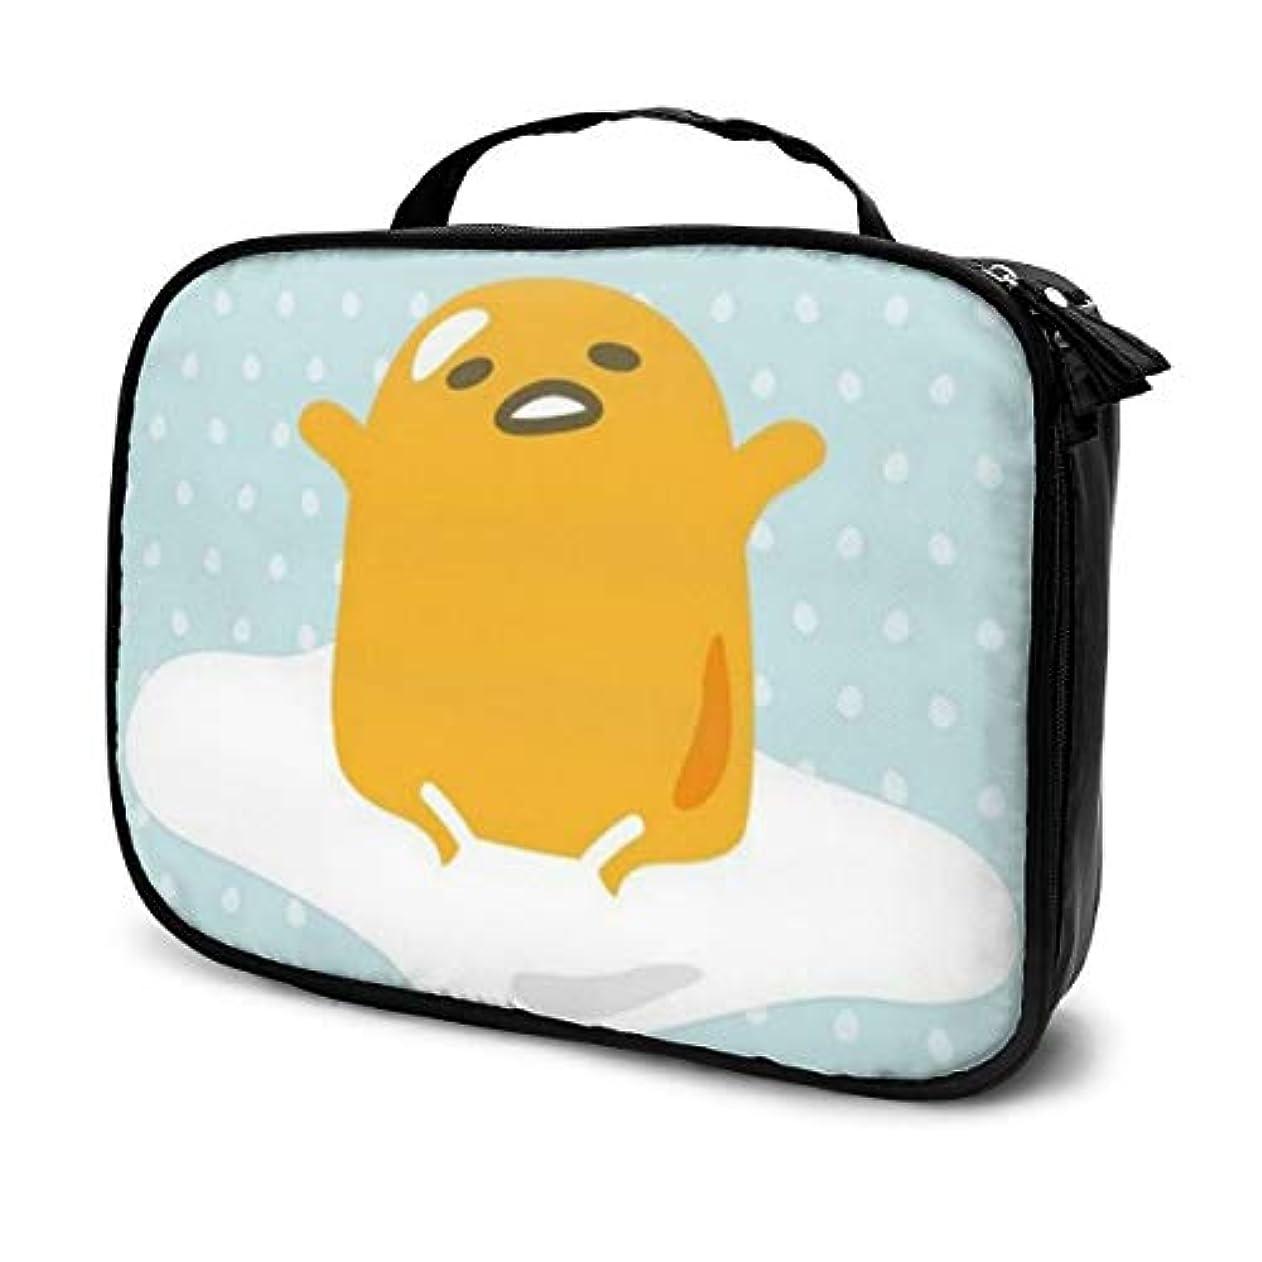 赤道サロン徐々にぐでたま 化粧ポーチ 化粧バッグ メイクボックス コスメバック 化粧箱 大容量 機能的 便携式 收納抜群 プロ用 旅行 家用